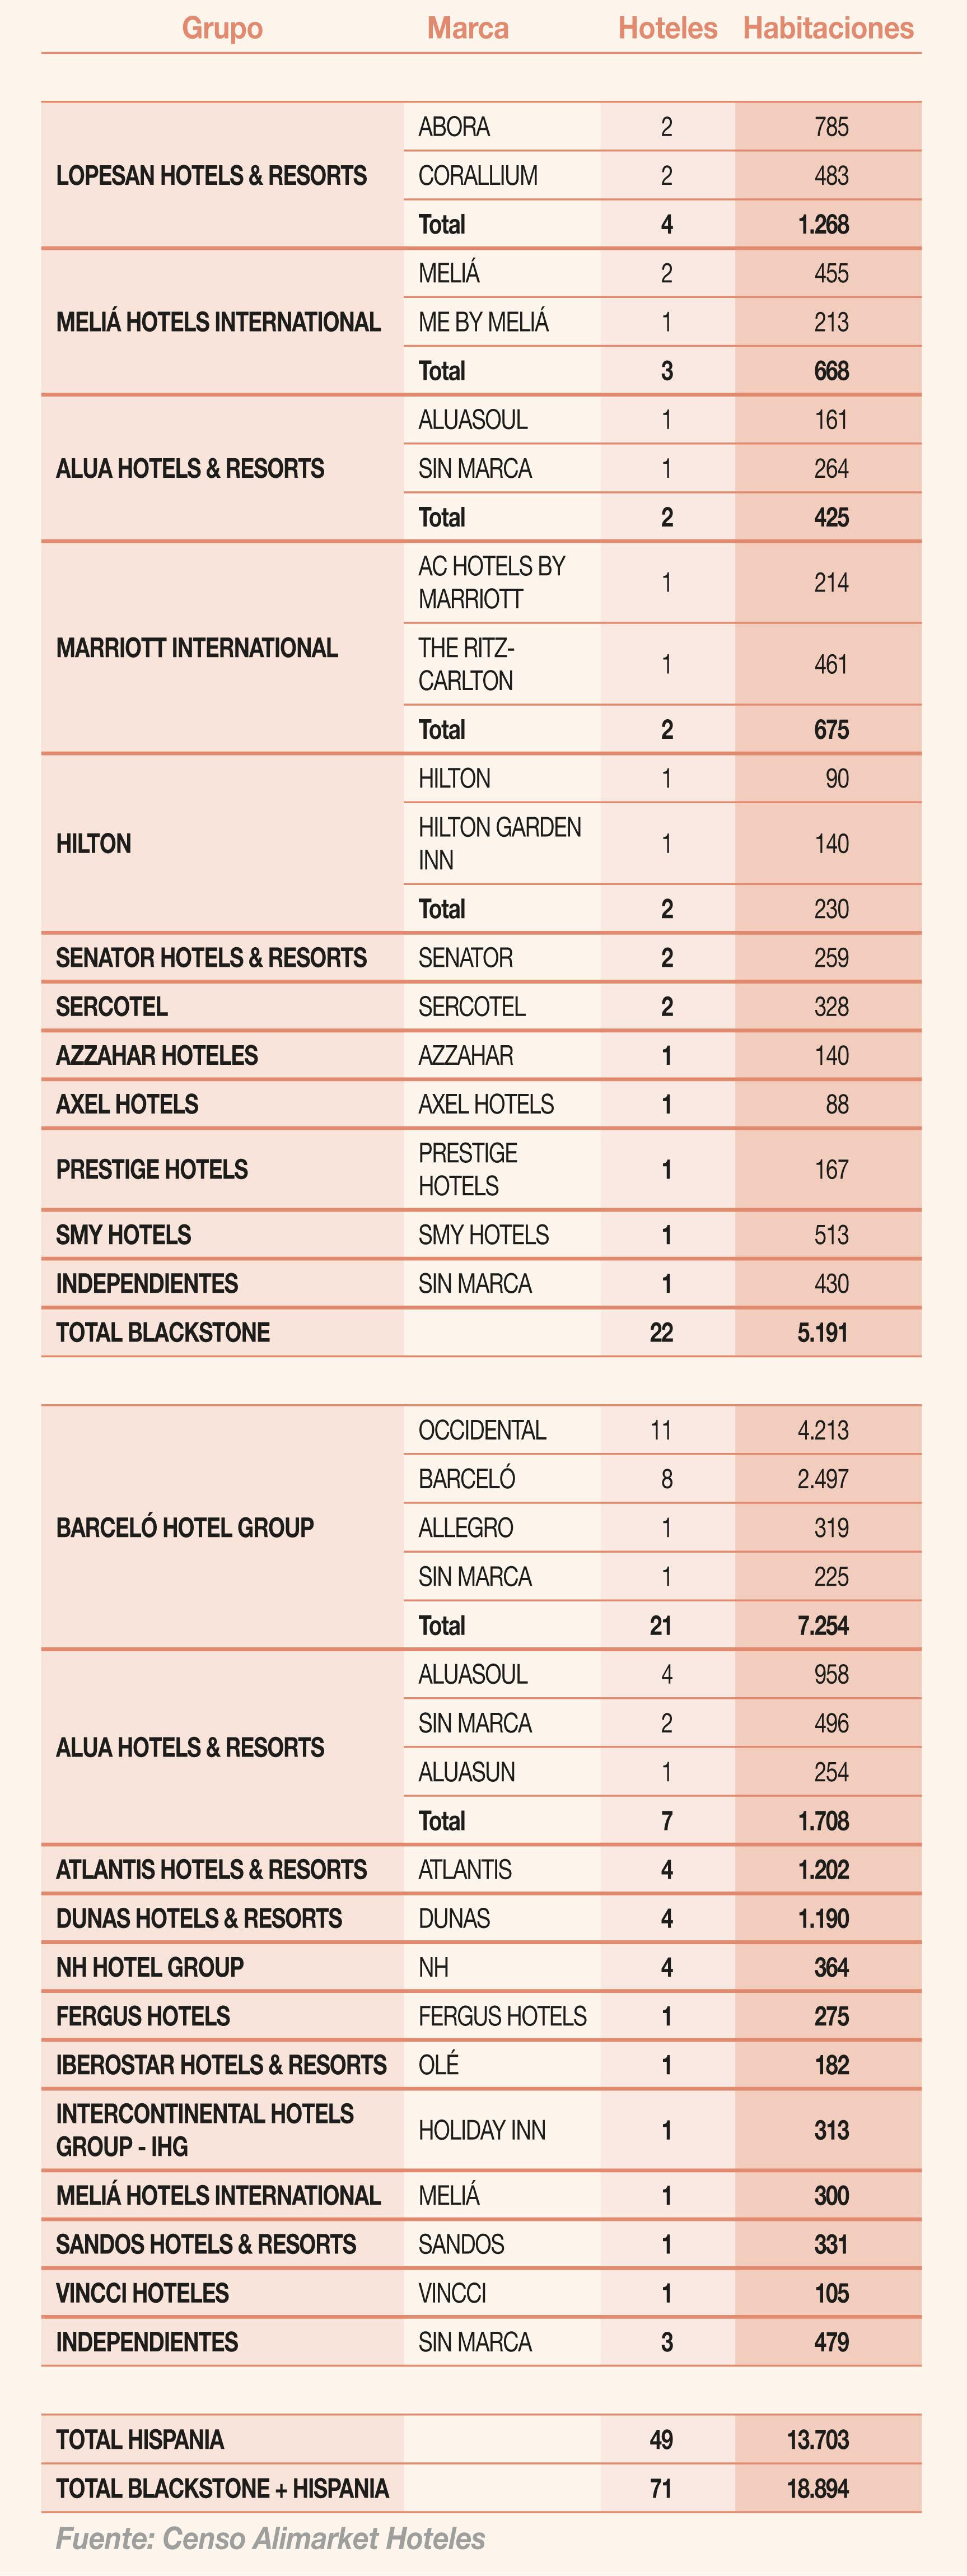 Reparto del catálogo hotelero de Blackstone e Hispania por grupos y cadenas